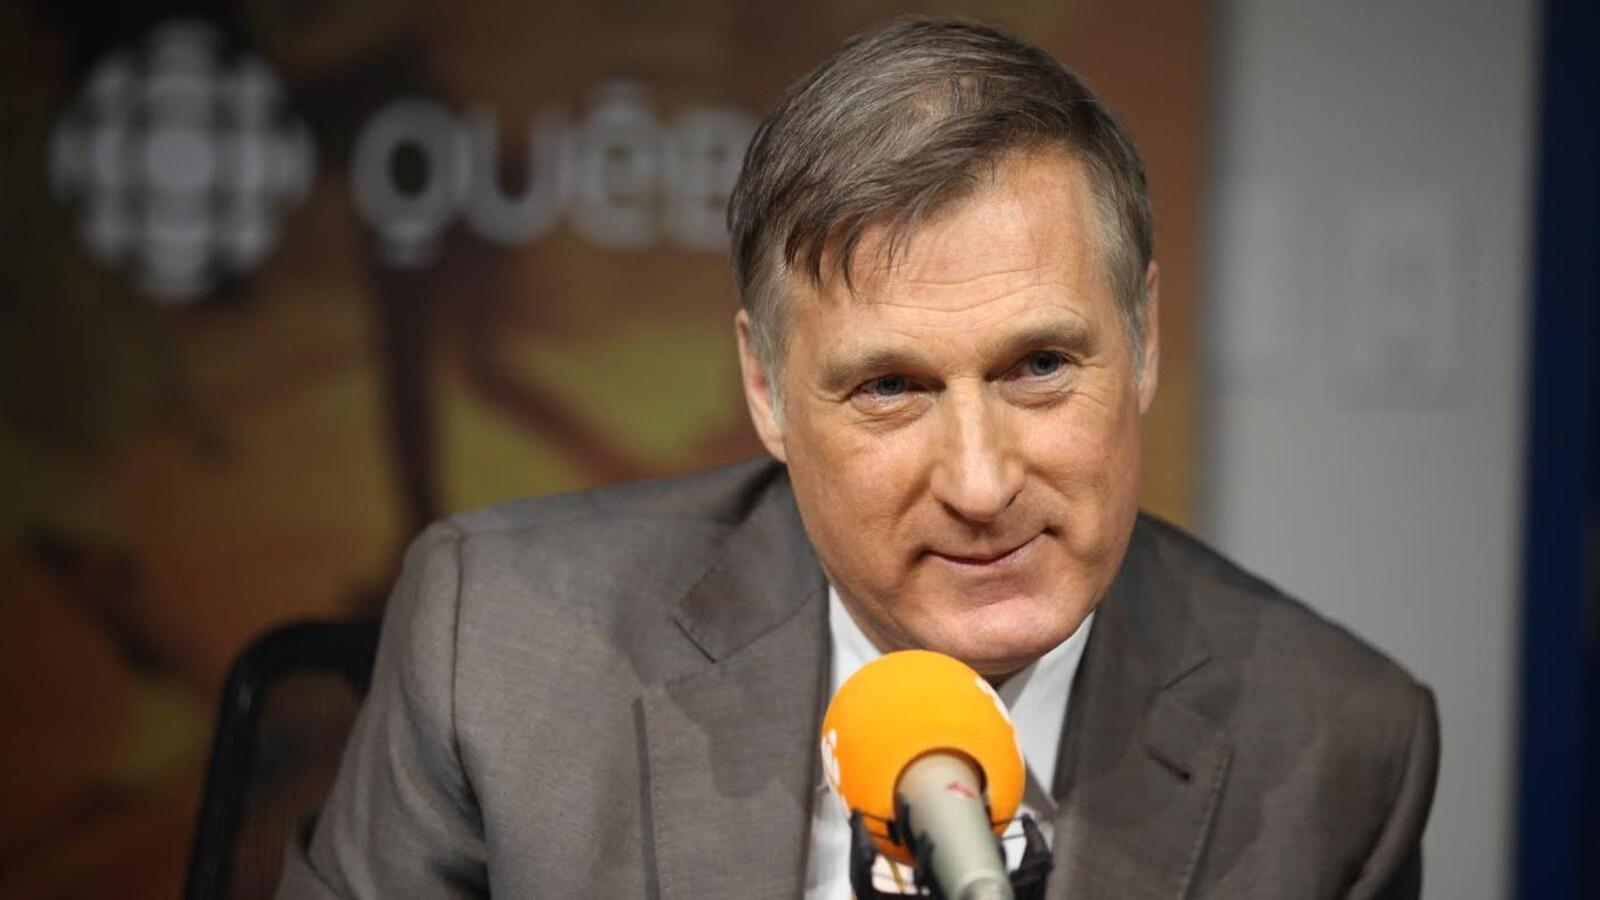 Maxime Bernier au micro à l'émission matinale Première heure, animée par Claude Bernatchez.